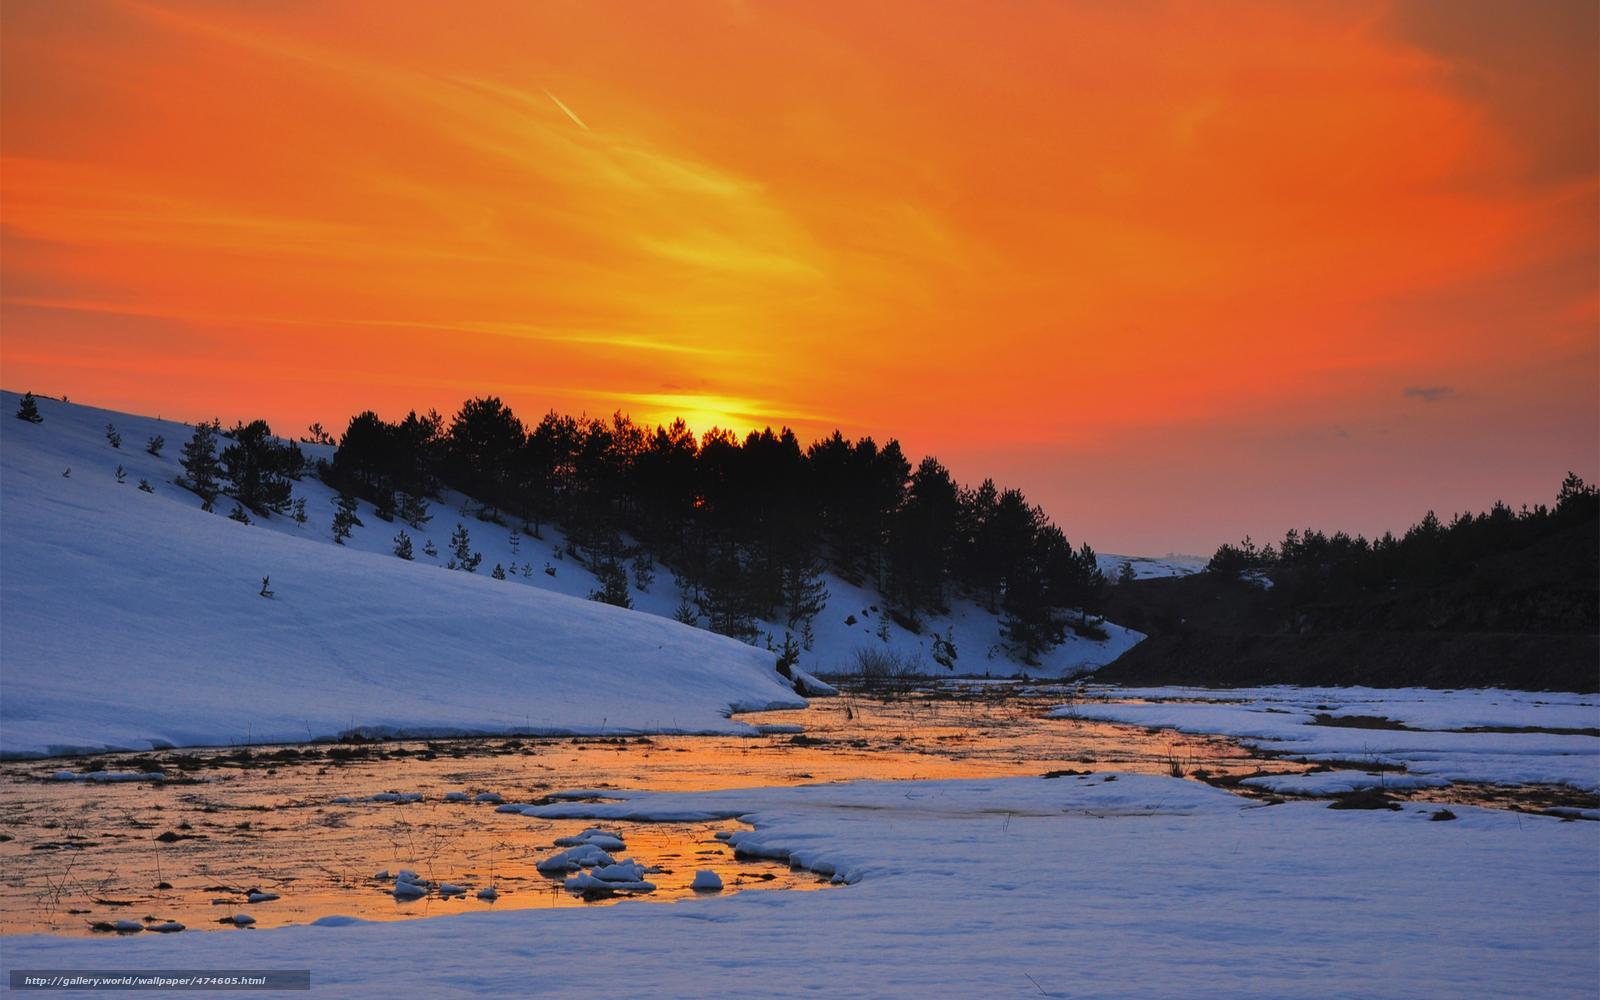 Tlcharger fond d 39 ecran hiver neige coucher du soleil for Fond ecran hiver hd